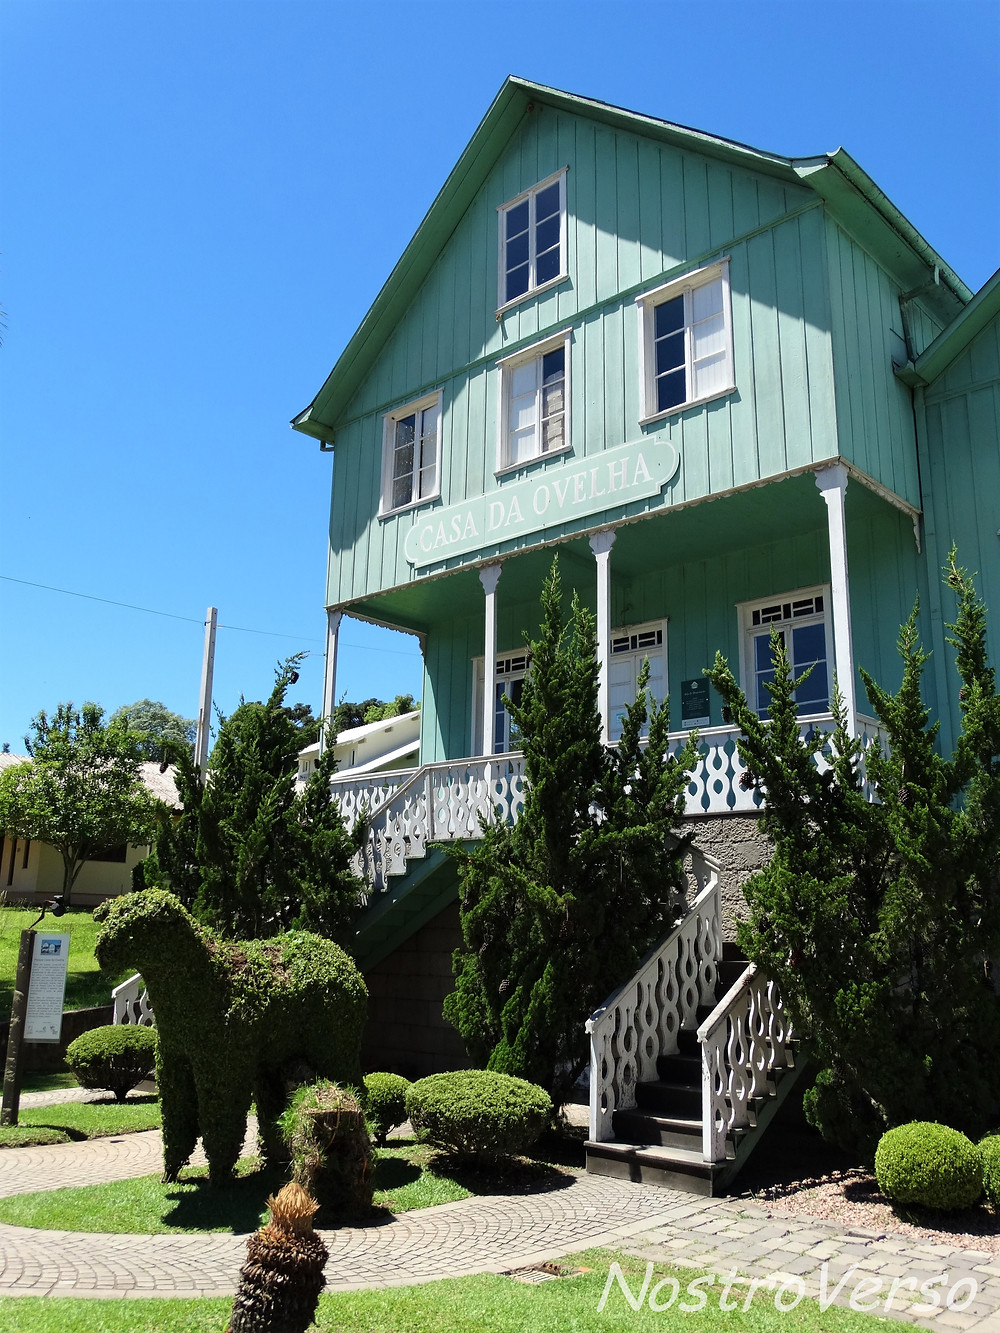 Casa da Ovelha - Caminhos de Pedra